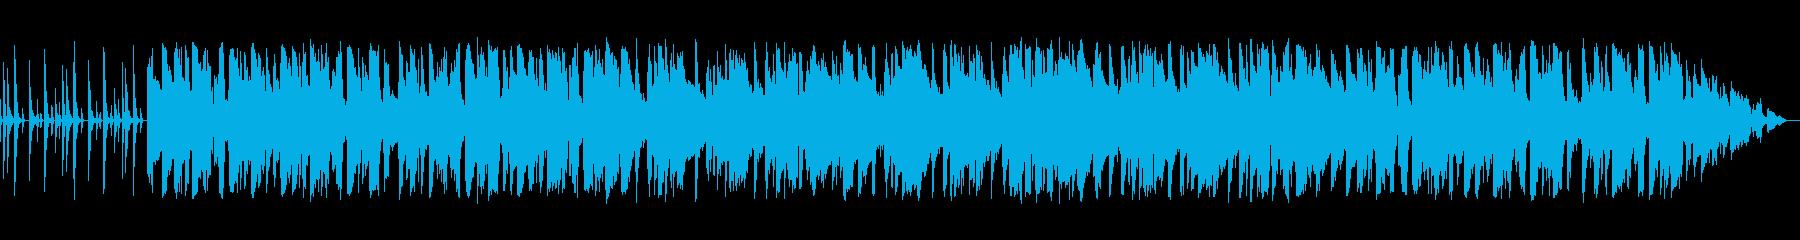 このインストゥルメンタルは、まるで...の再生済みの波形